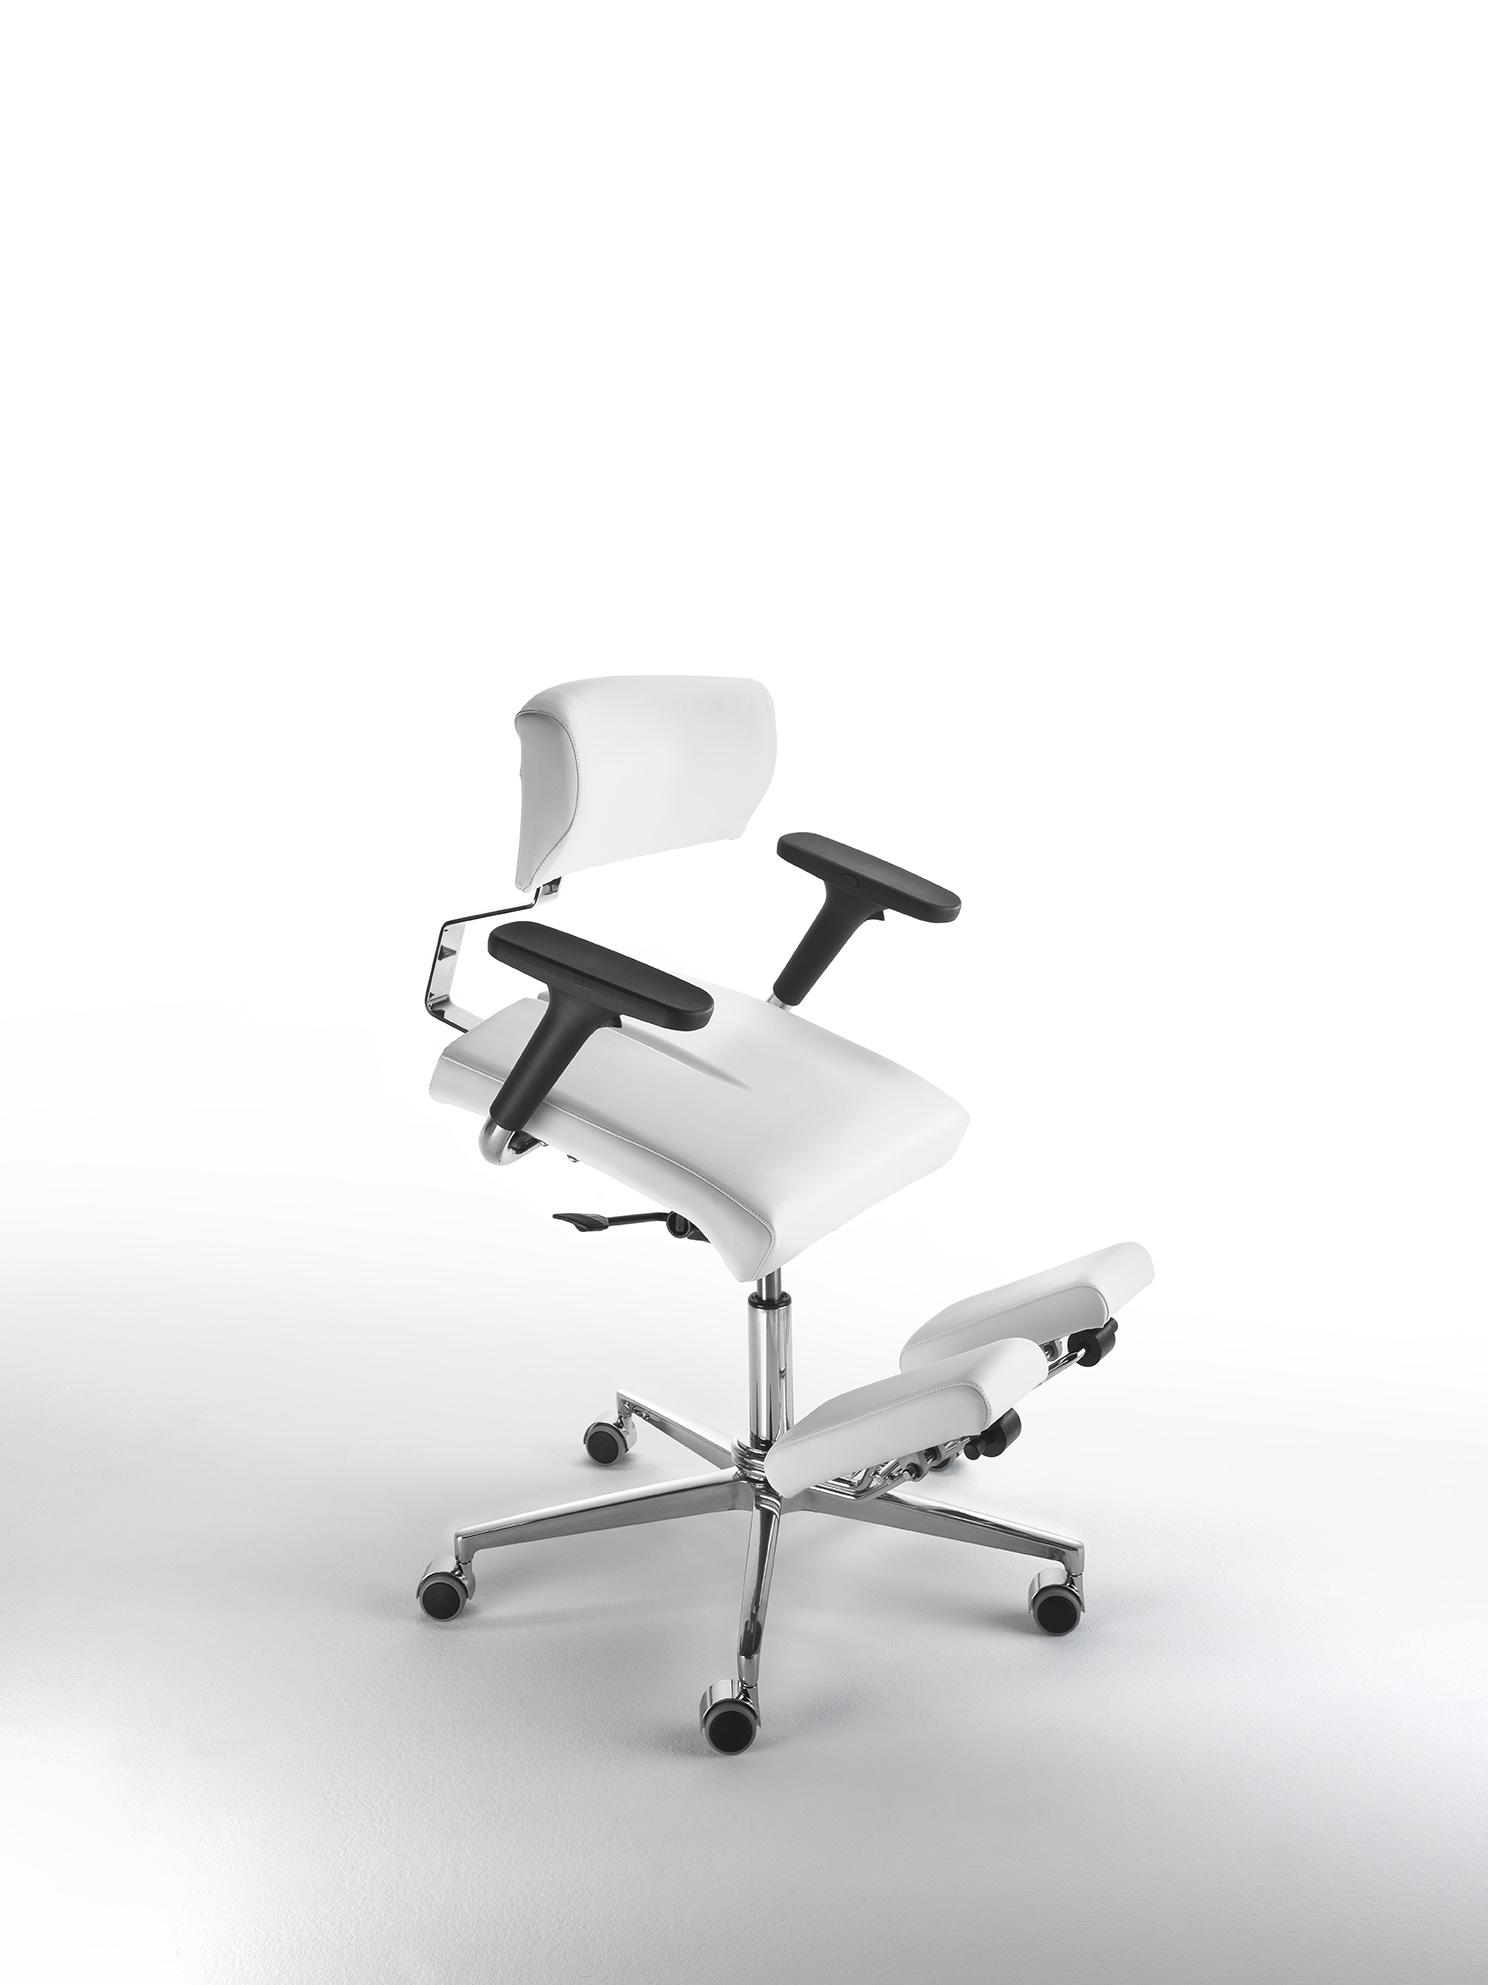 Sedie A Forma Di Sedere Costo le 10 migliori sedie ergonomiche da ufficio di sempre